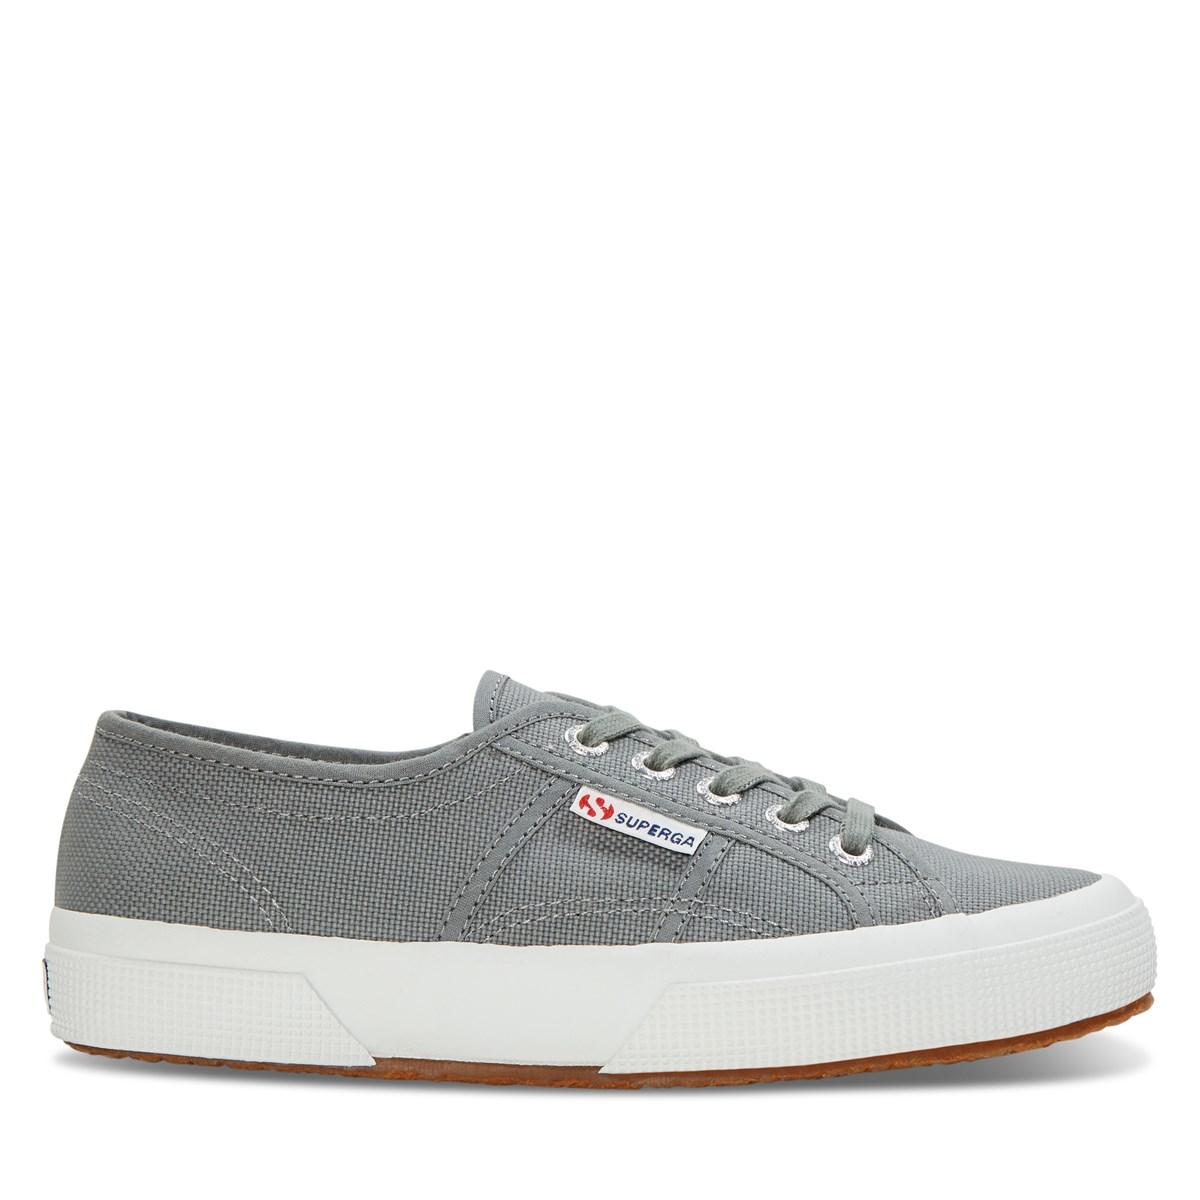 Women's COTU Classic Sneaker in Grey